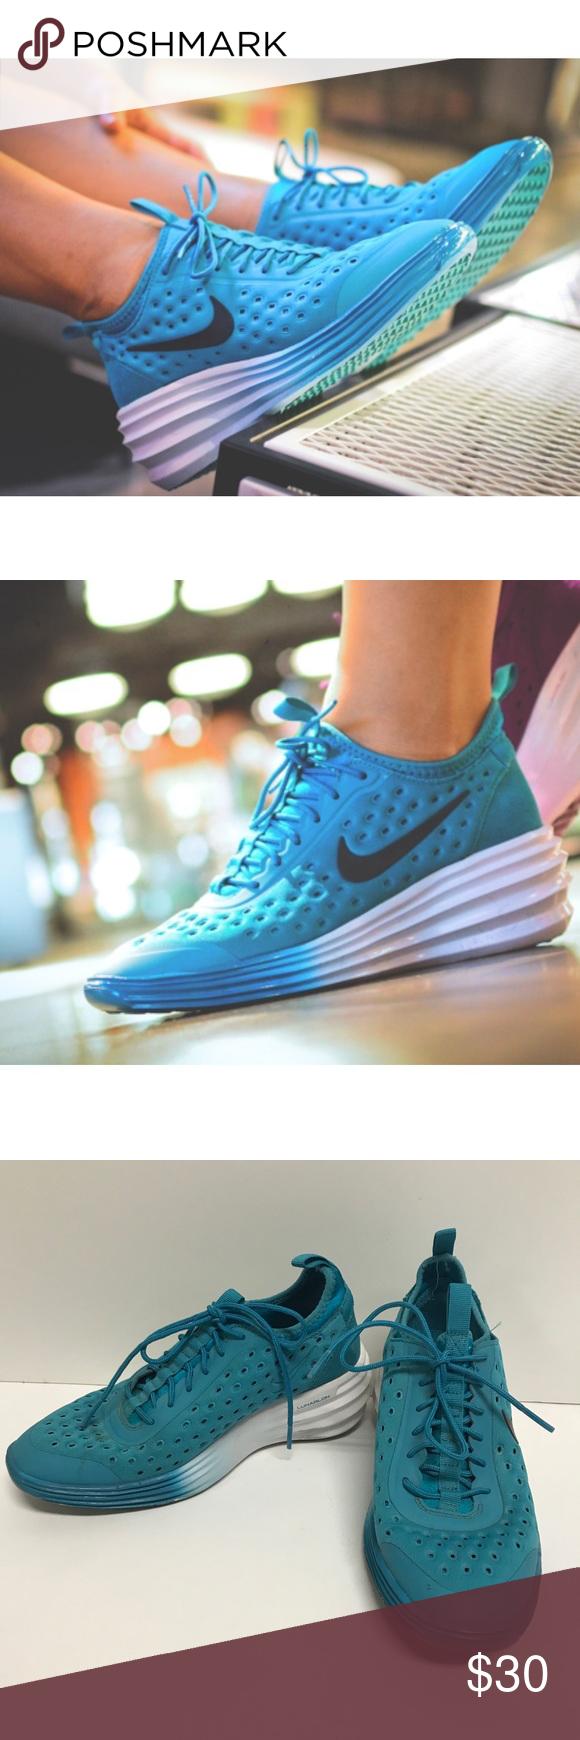 Nike Lunar Elite Sky Hi Wedge Sneakers Nike lunar, Shoes sneakers